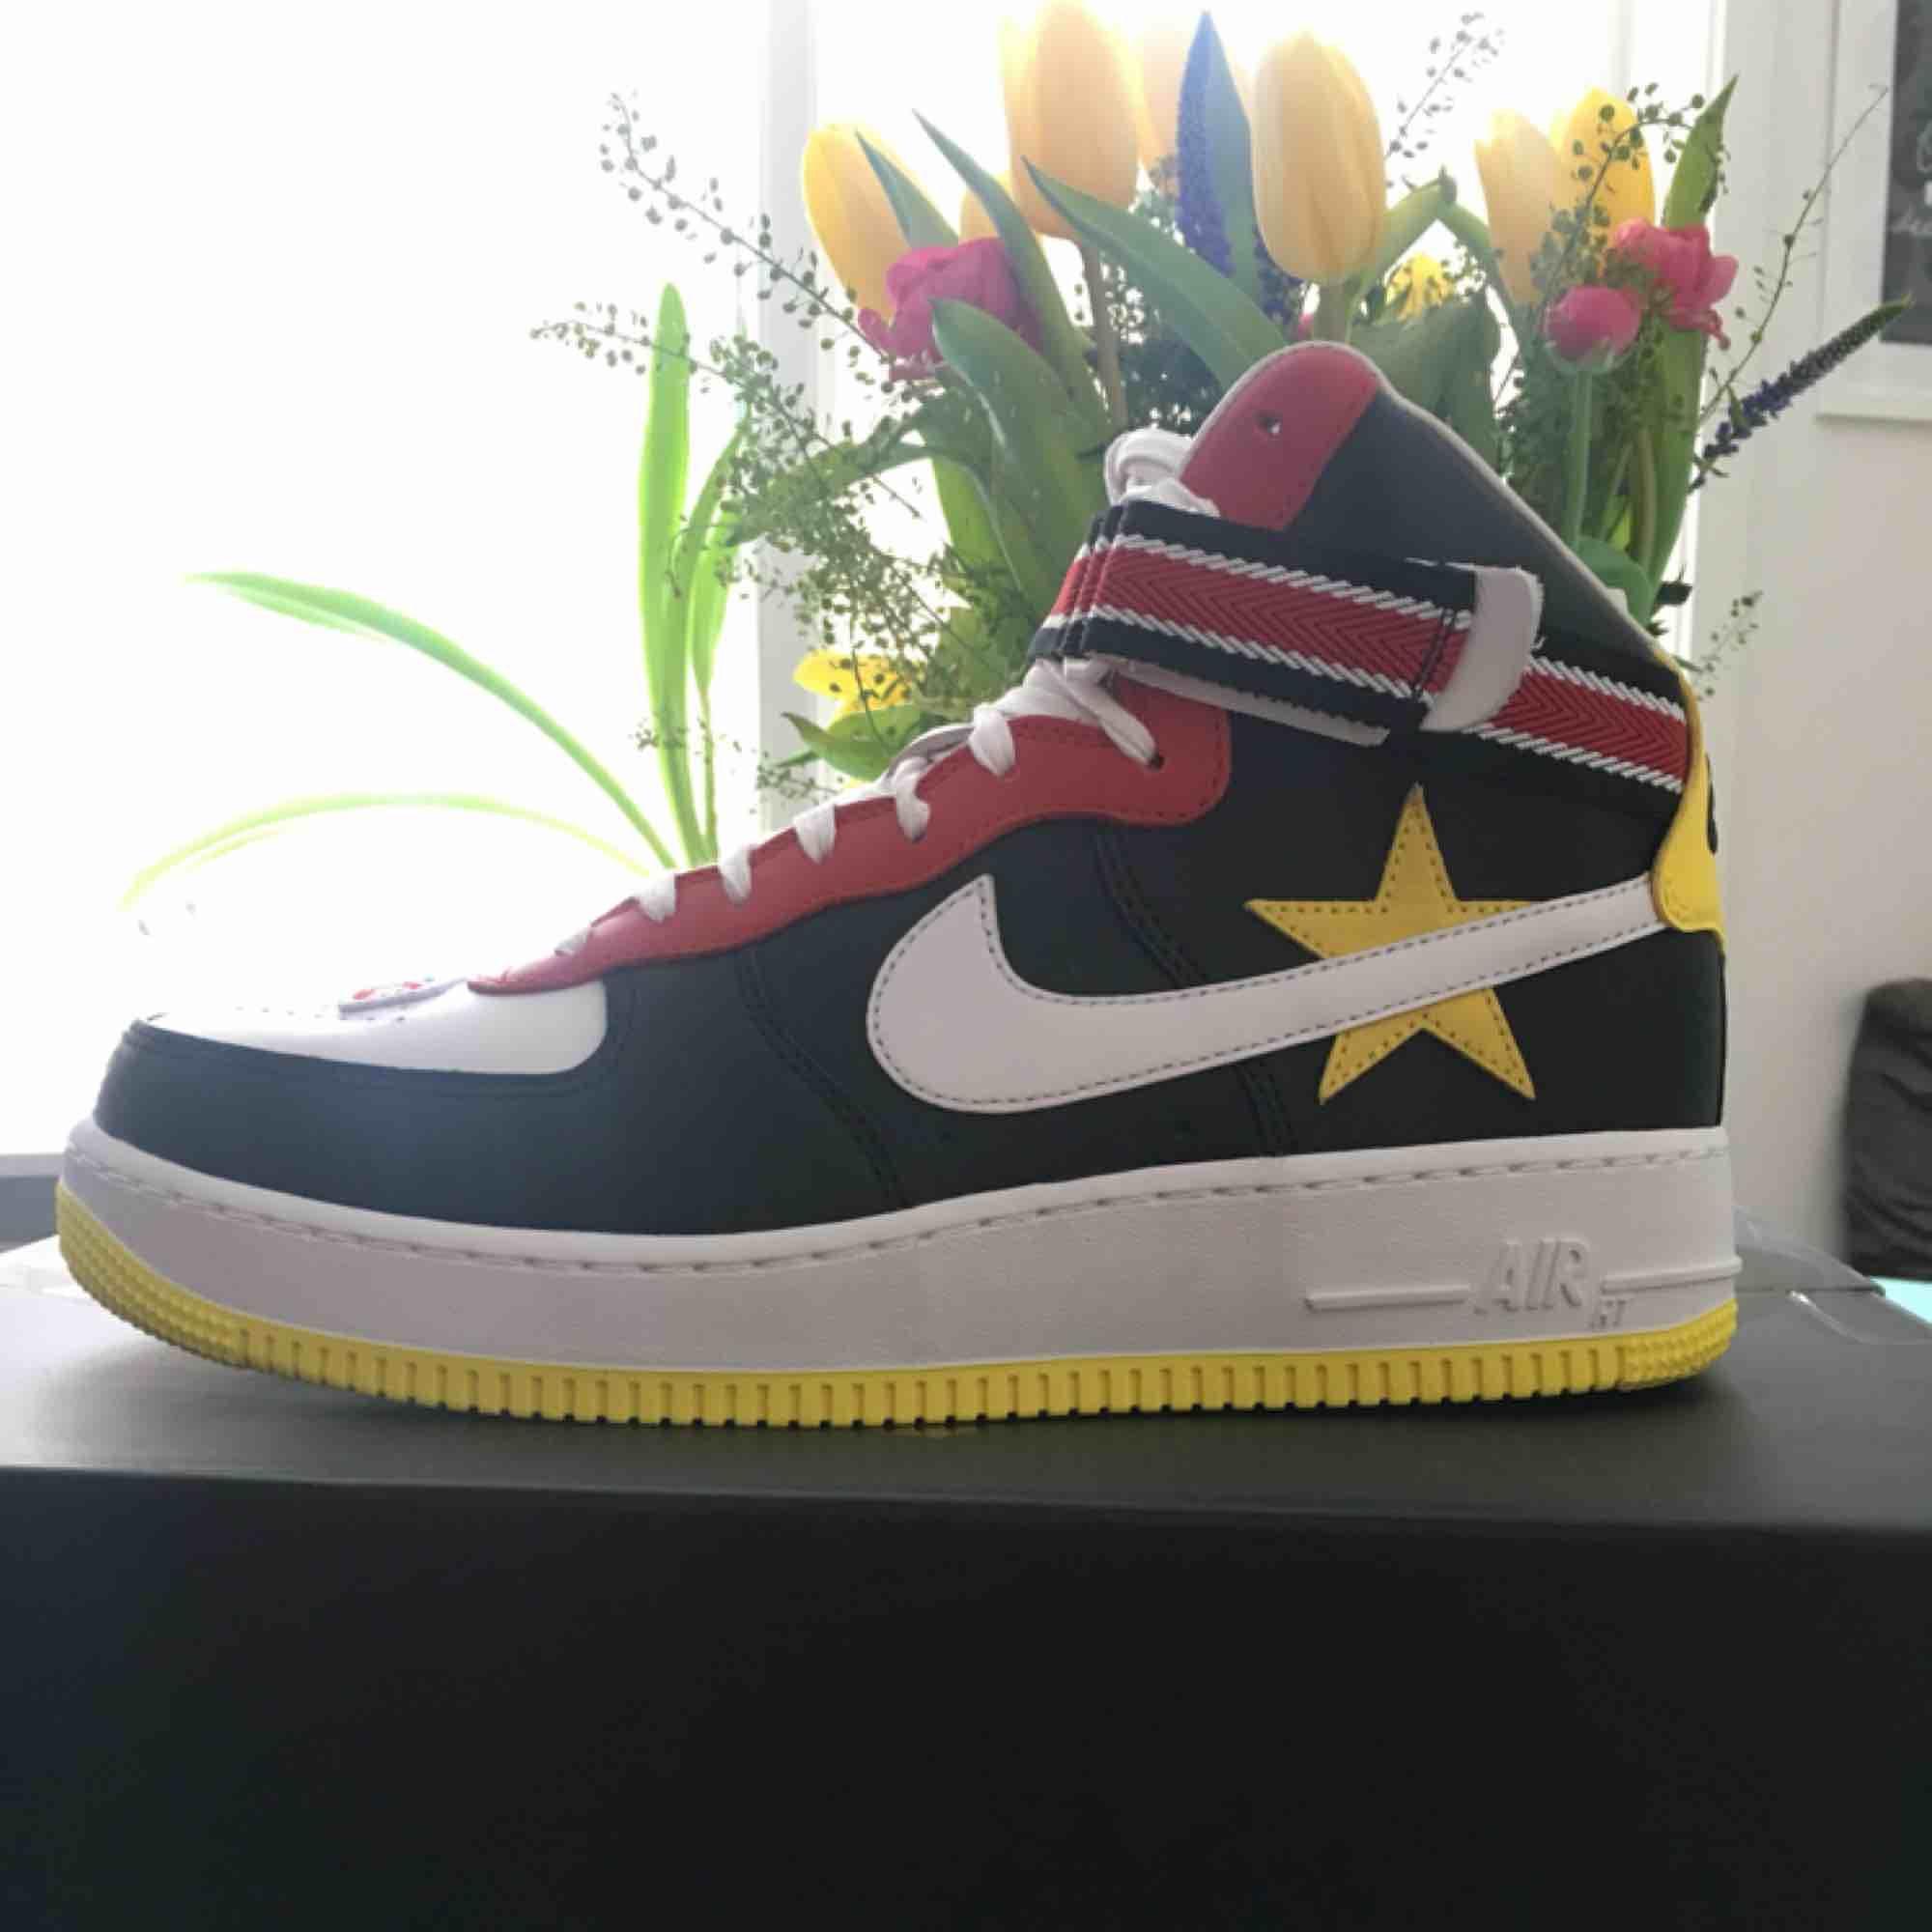 Supersnygga Air Force HT/RT! Säljer dessa Nike collab skorna med riccardo tisci efterssom jag fick fel storlek och kan inte skicka tillbaka..  Helt oanvända. Orginalbox och kvitto. . Skor.